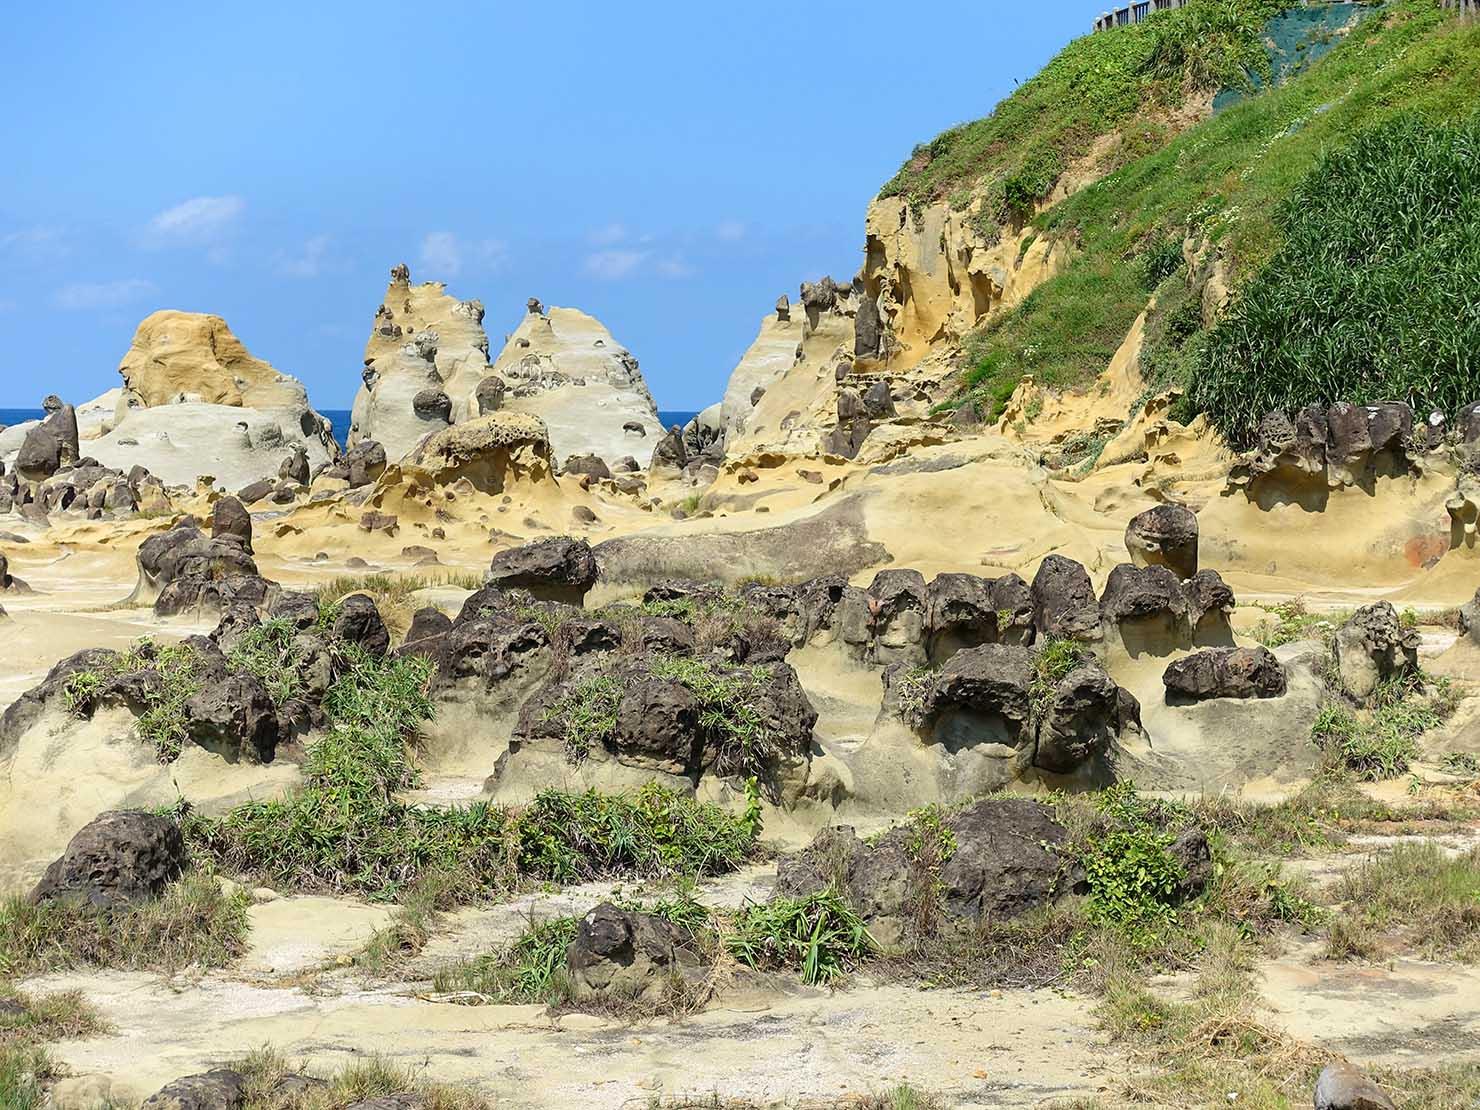 台北から日帰りで行ける基隆・和平島公園の海岸沿いに広がる奇岩群